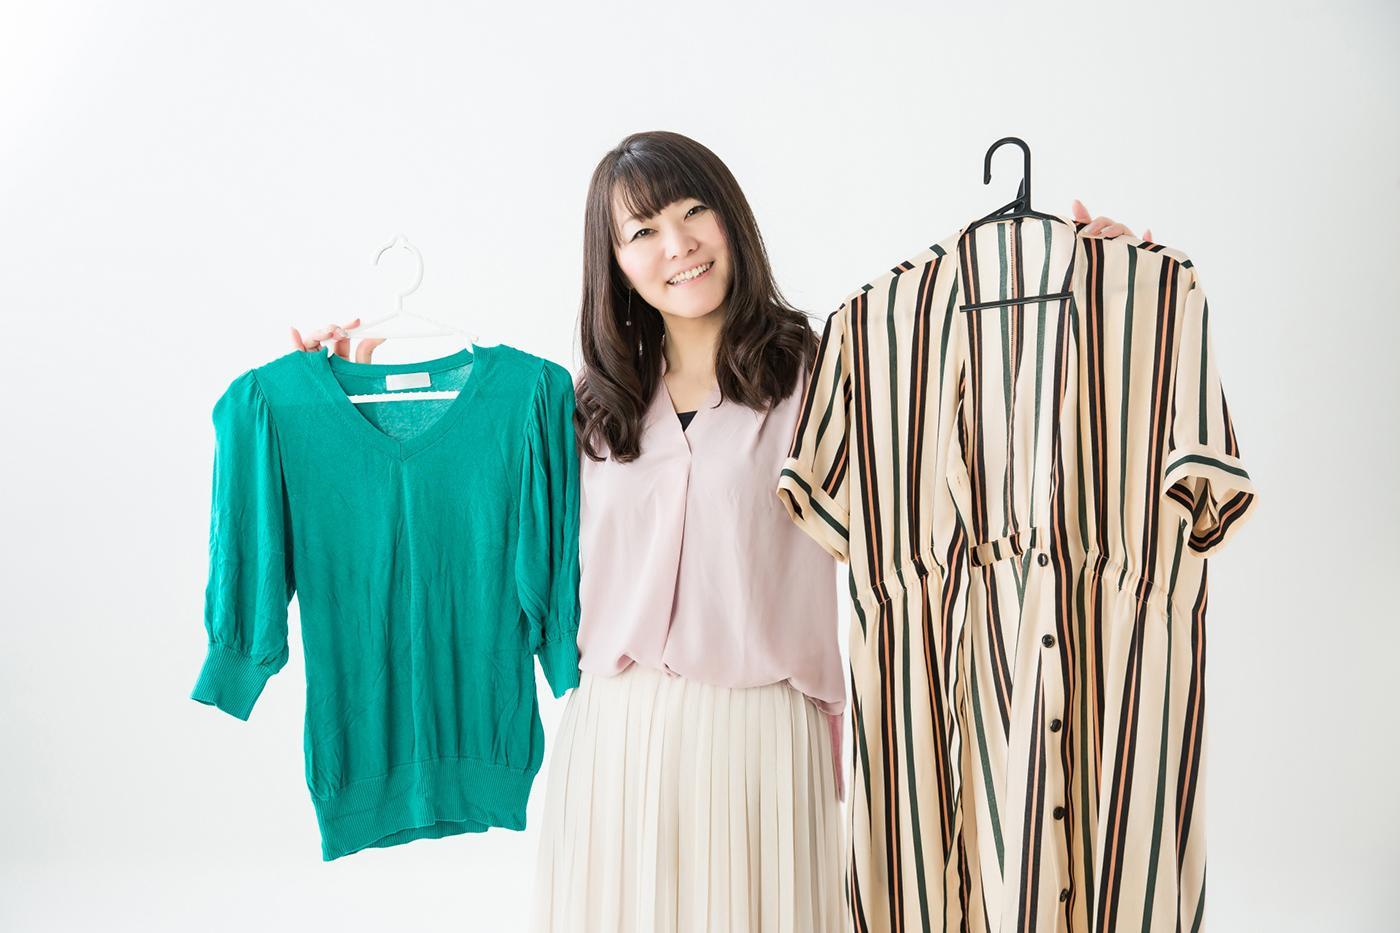 【店内スタッフ 】☆婦人服飾バルミー☆40~50代活躍中♪